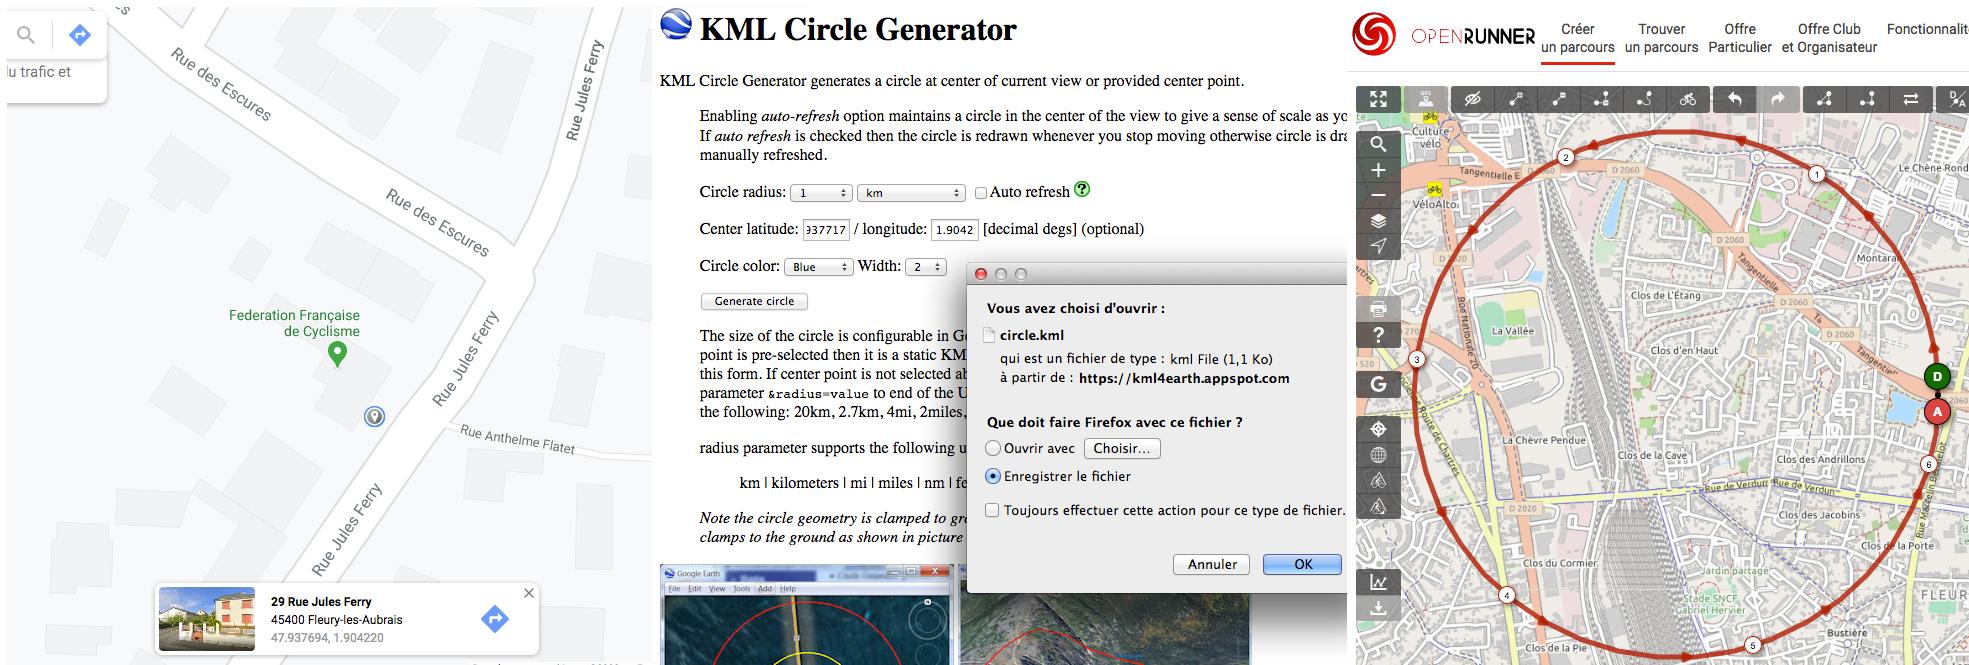 """Une méthode simple pour tracer le """"cercle du bonheur"""" - captures d'écran web"""